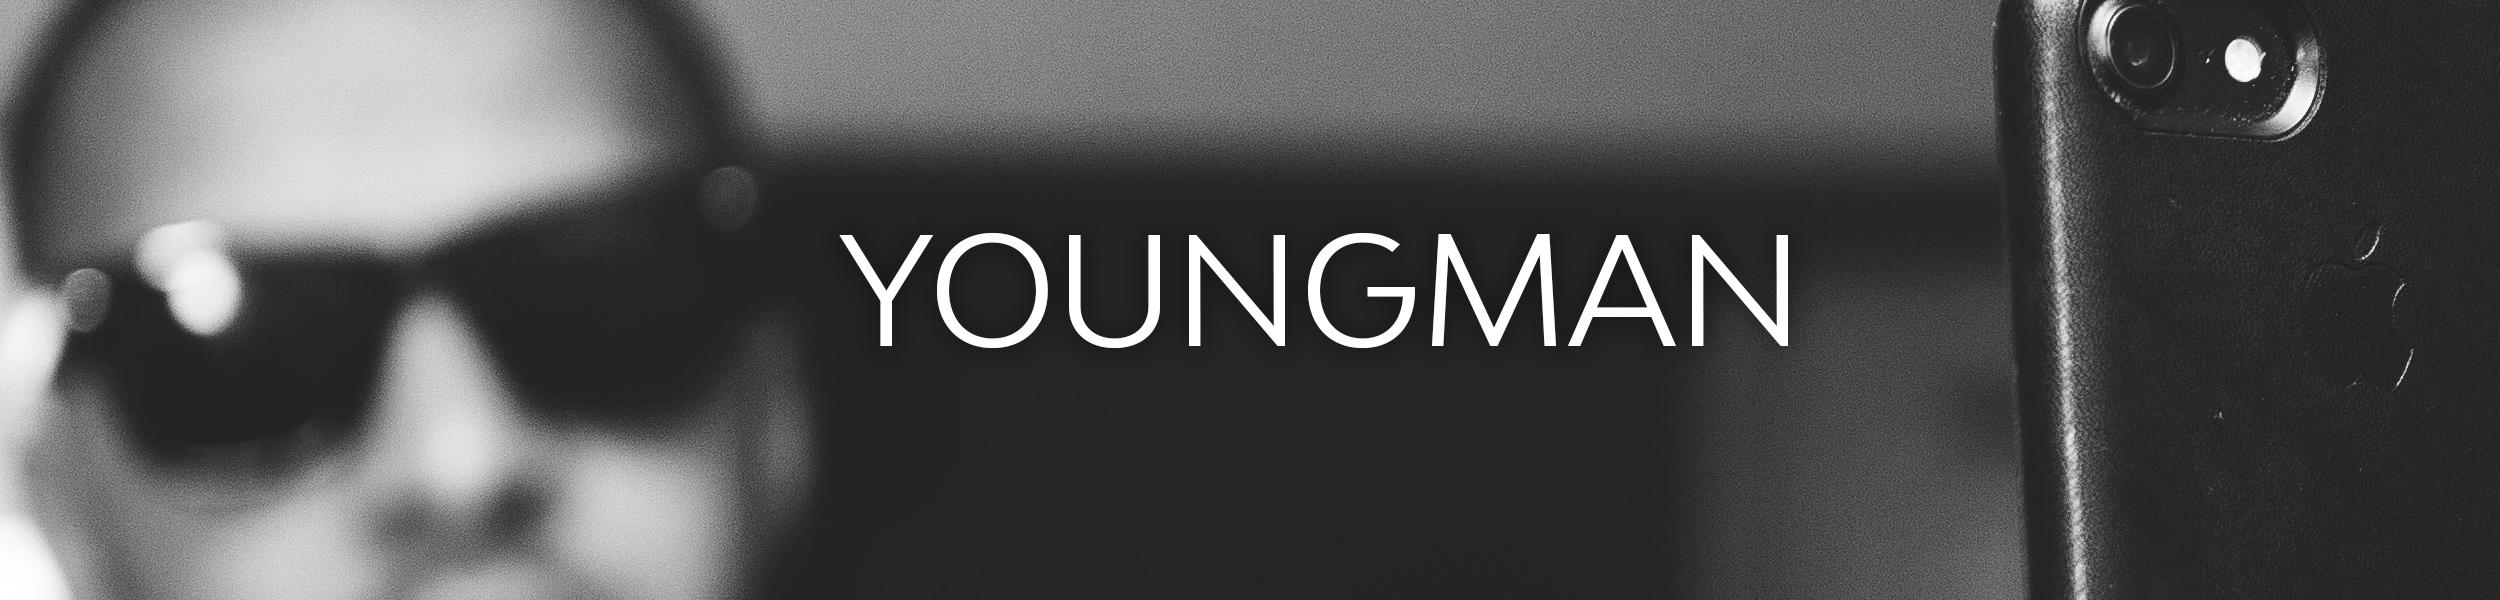 Youngman Header